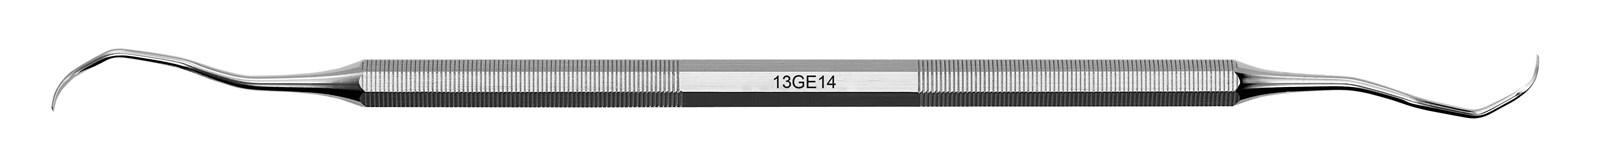 Kyreta Gracey Classic - 13GE14, ADEP silikonový návlek tmavě modrý